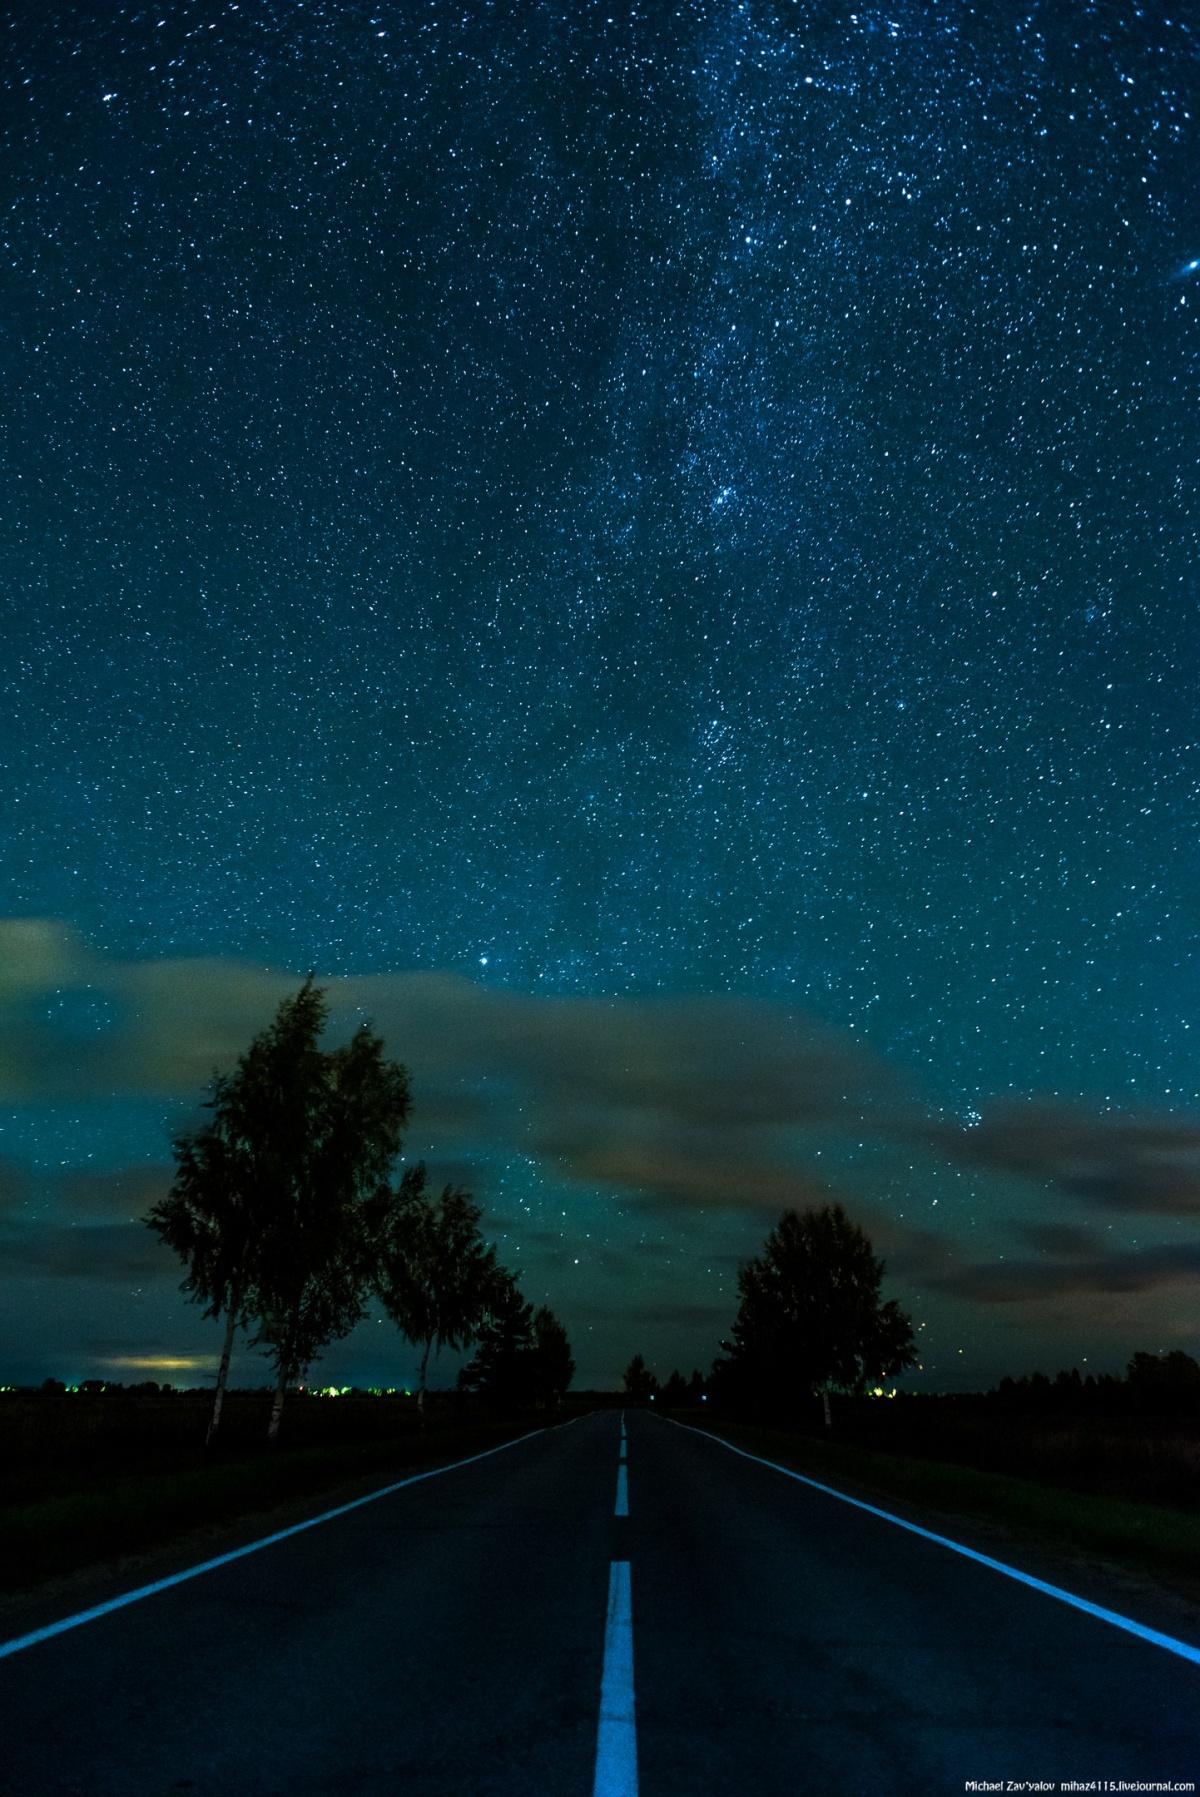 Млечный путь и путь земной. Окрестности Вятского 28 августа 2016